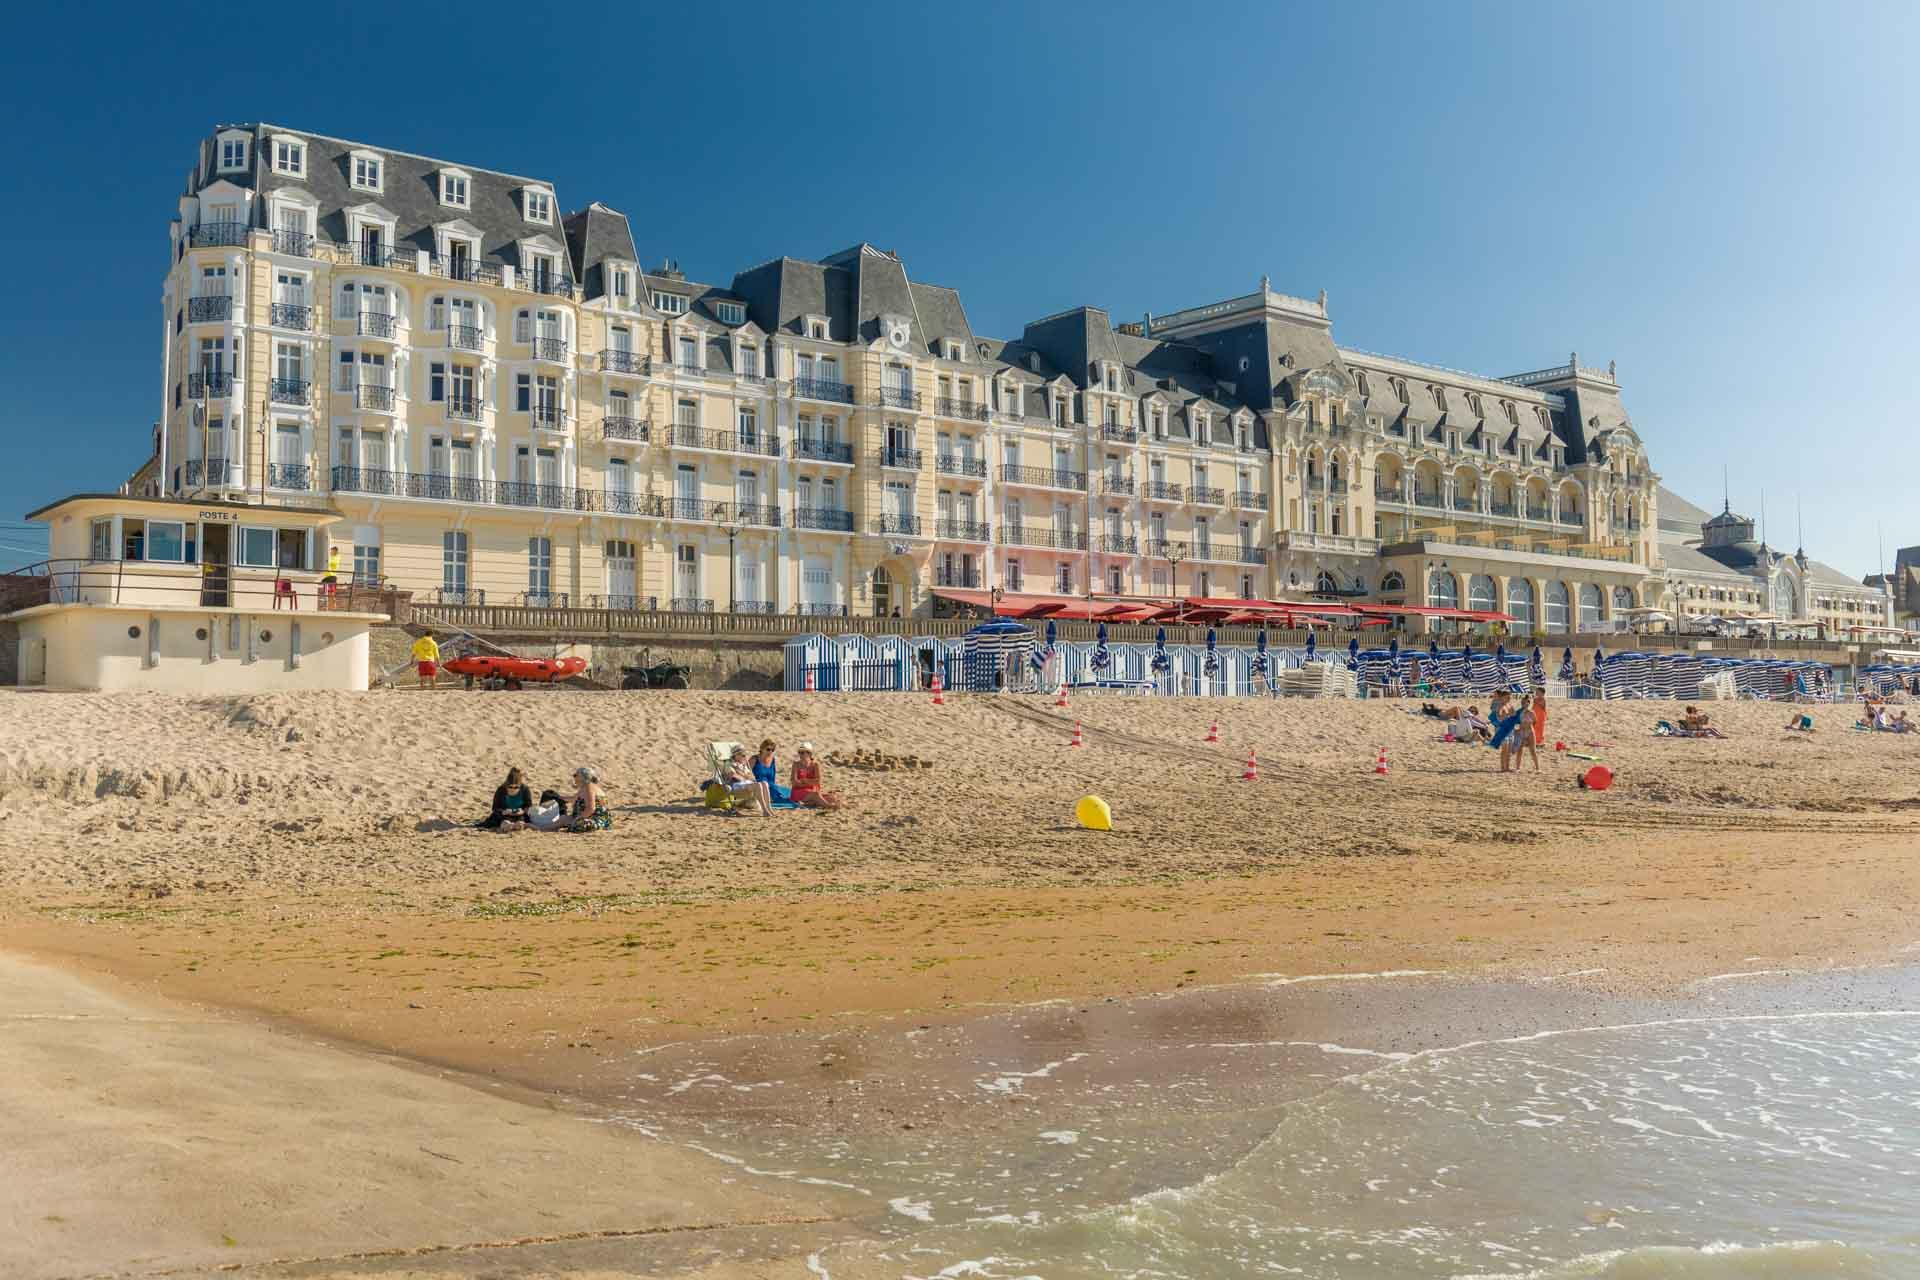 La plage de Cabourg et son Grand Hôtel © Calvados Attractivité